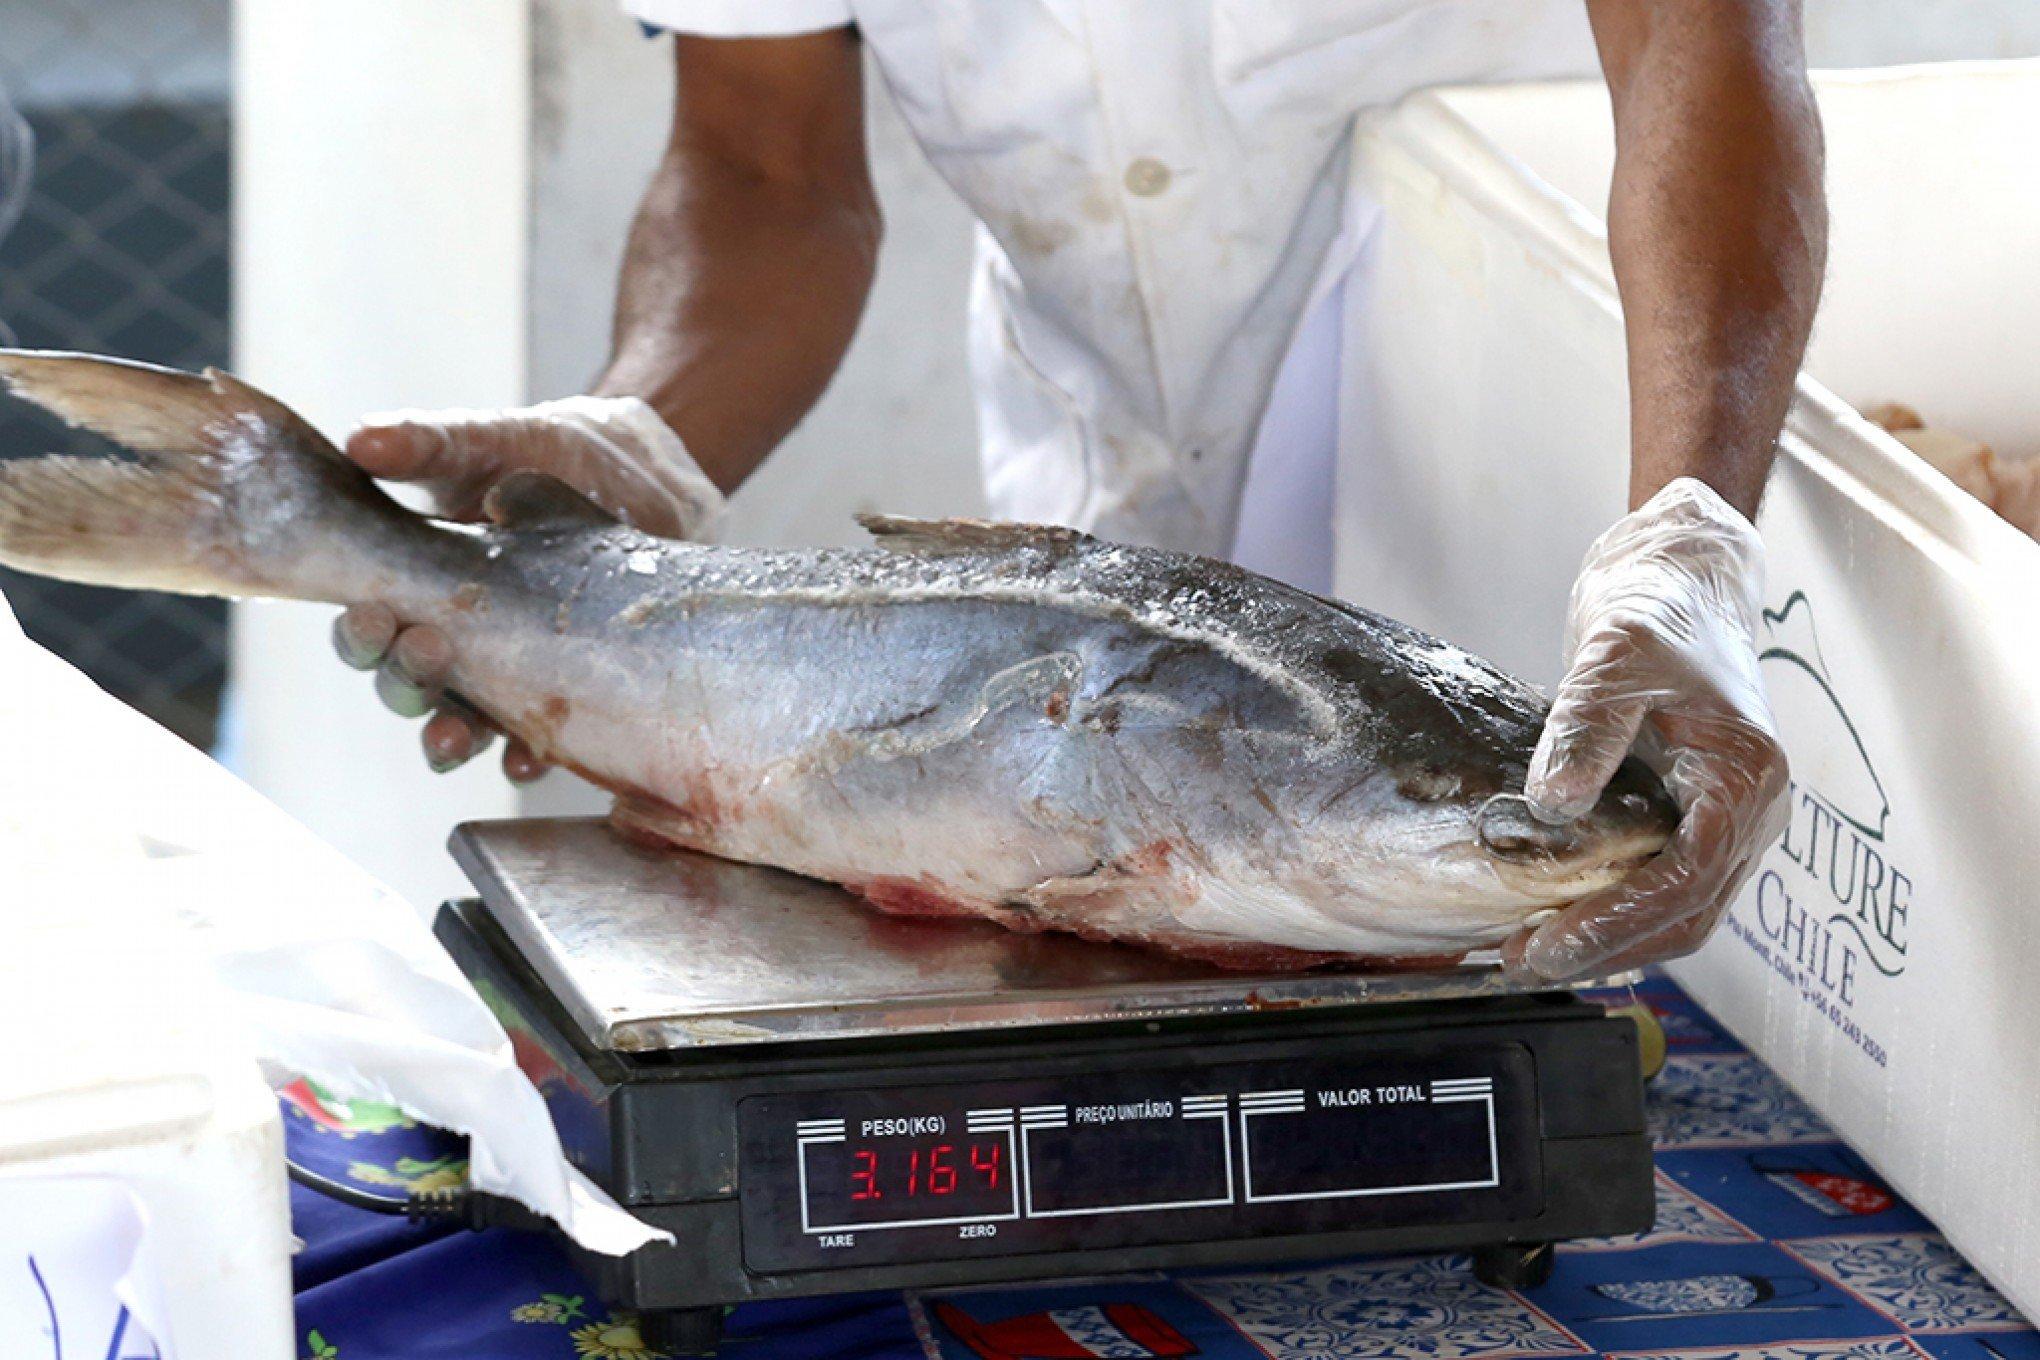 Restrição do consumo de peixe já causa prejuízos aos feirantes em Manaus